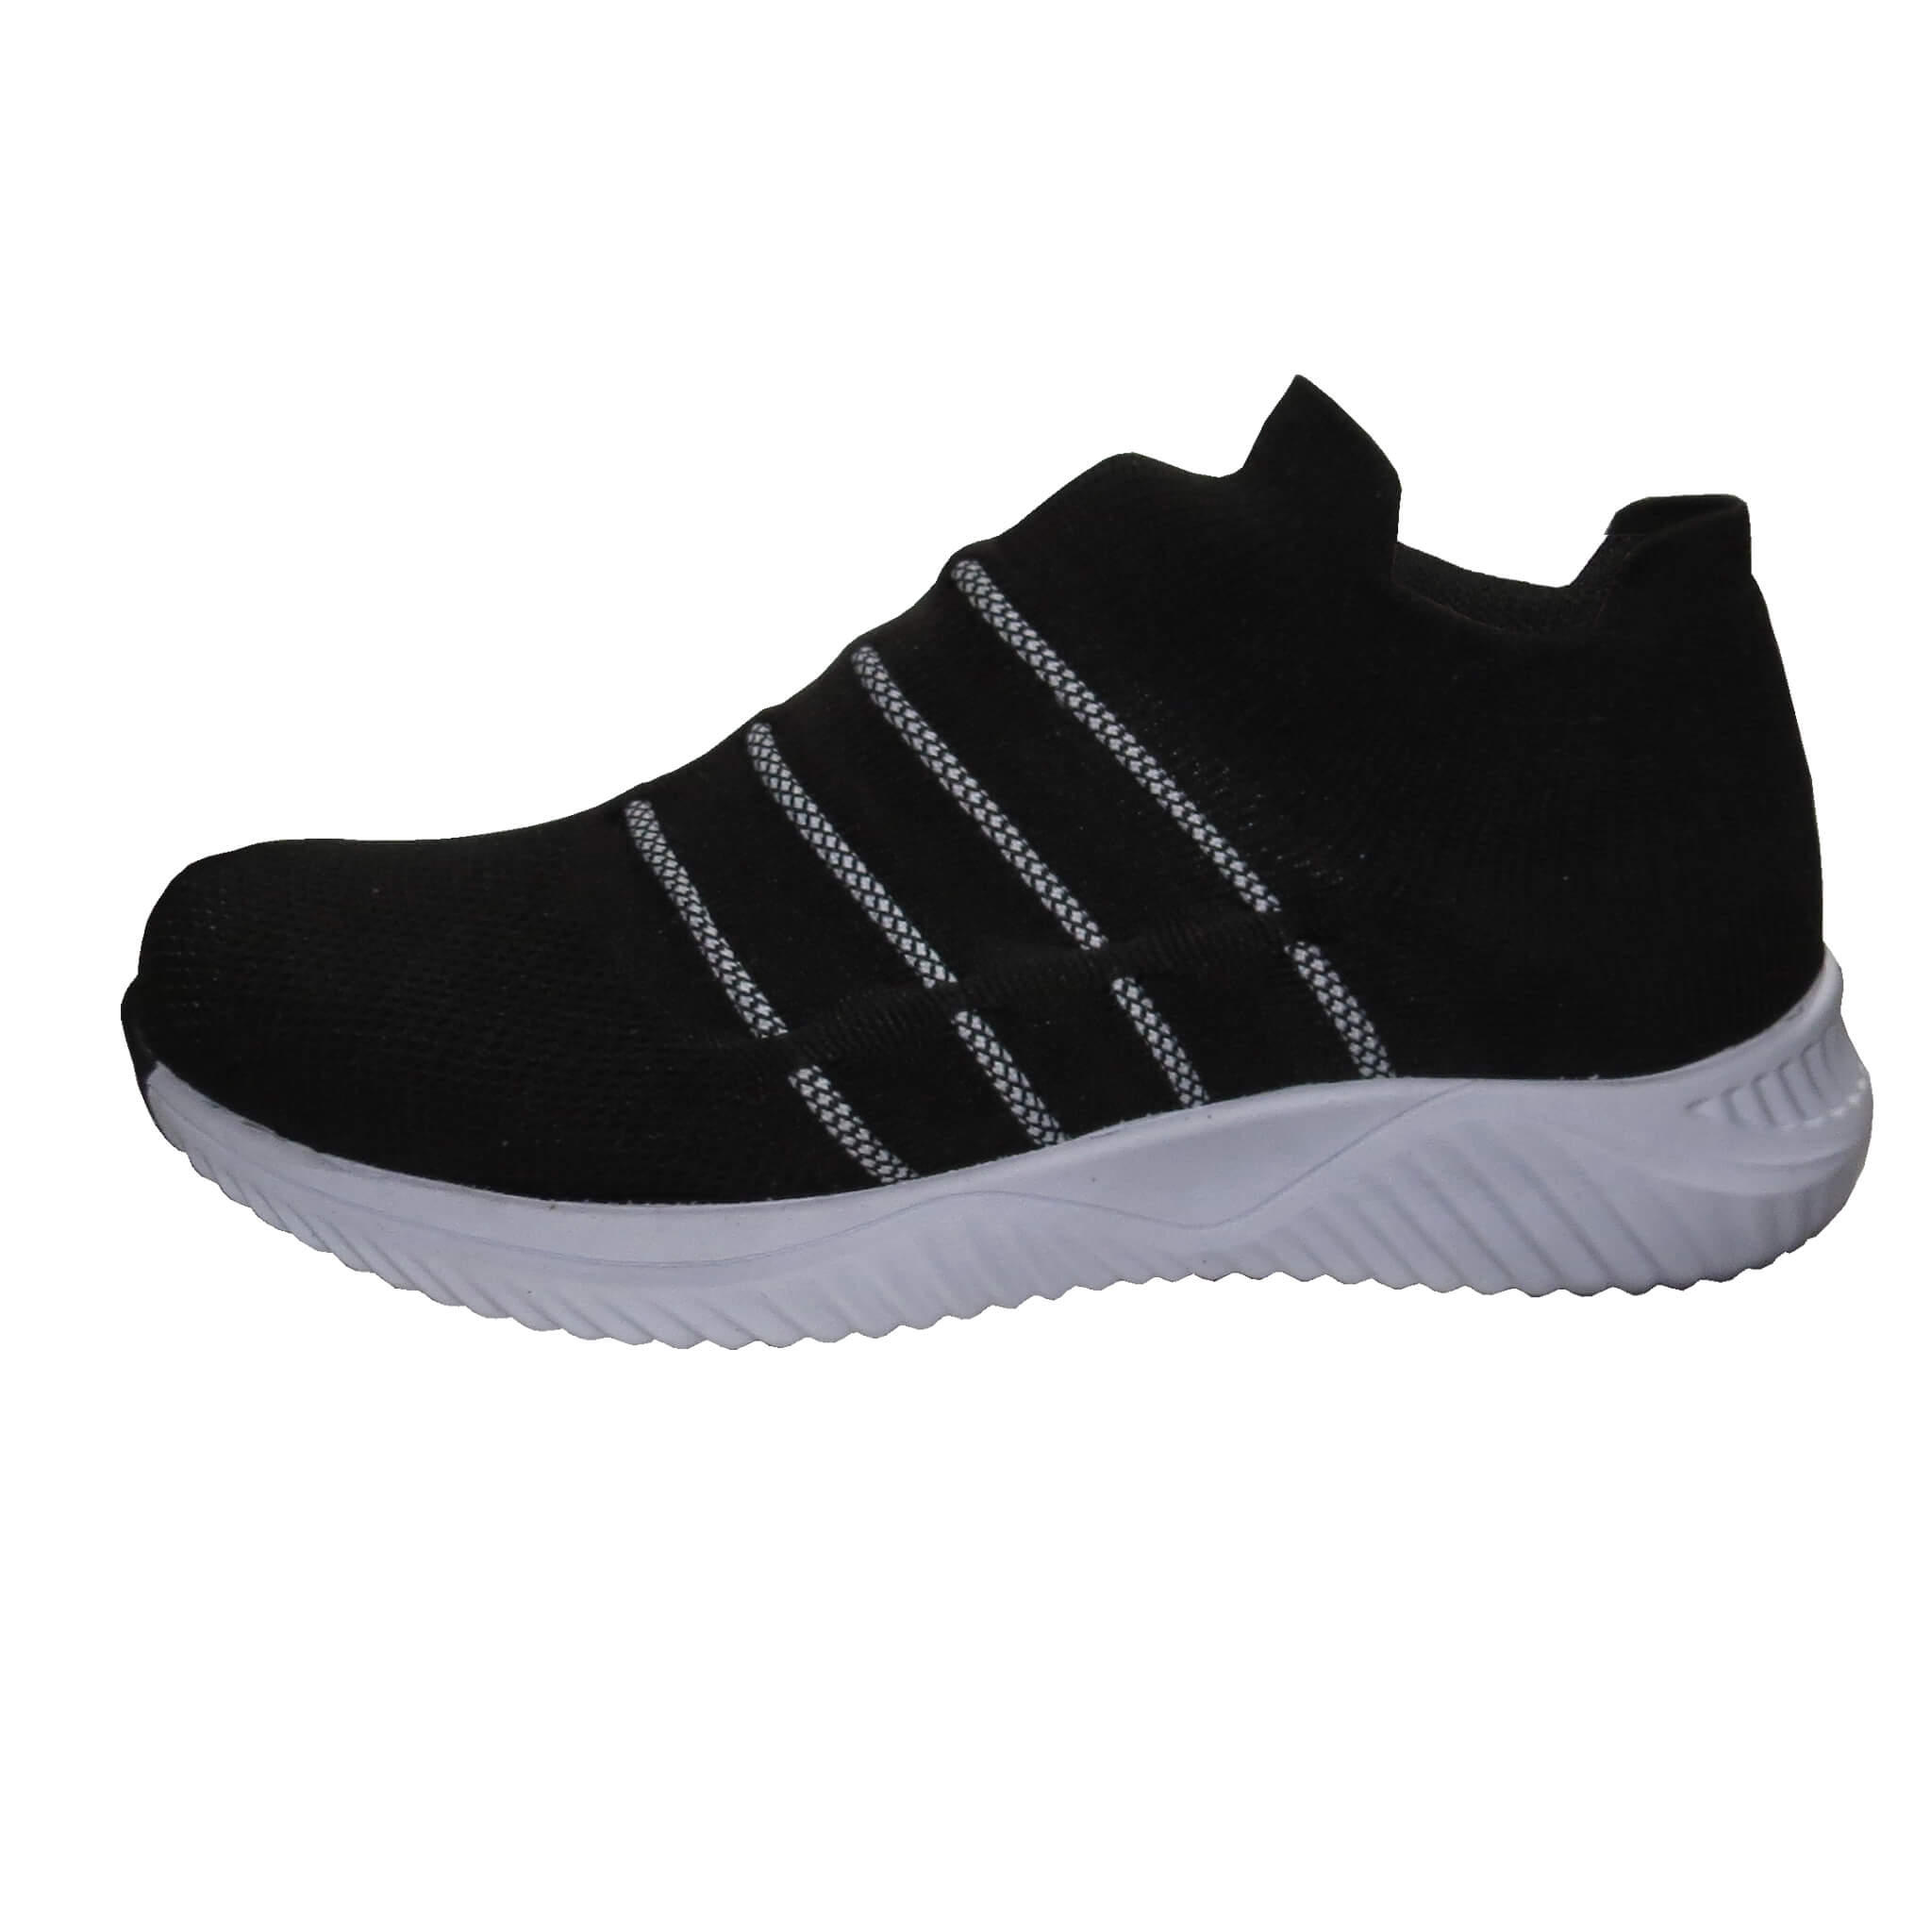 کفش اسپرت مخصوص پیاده روی سایاگ مدل S4